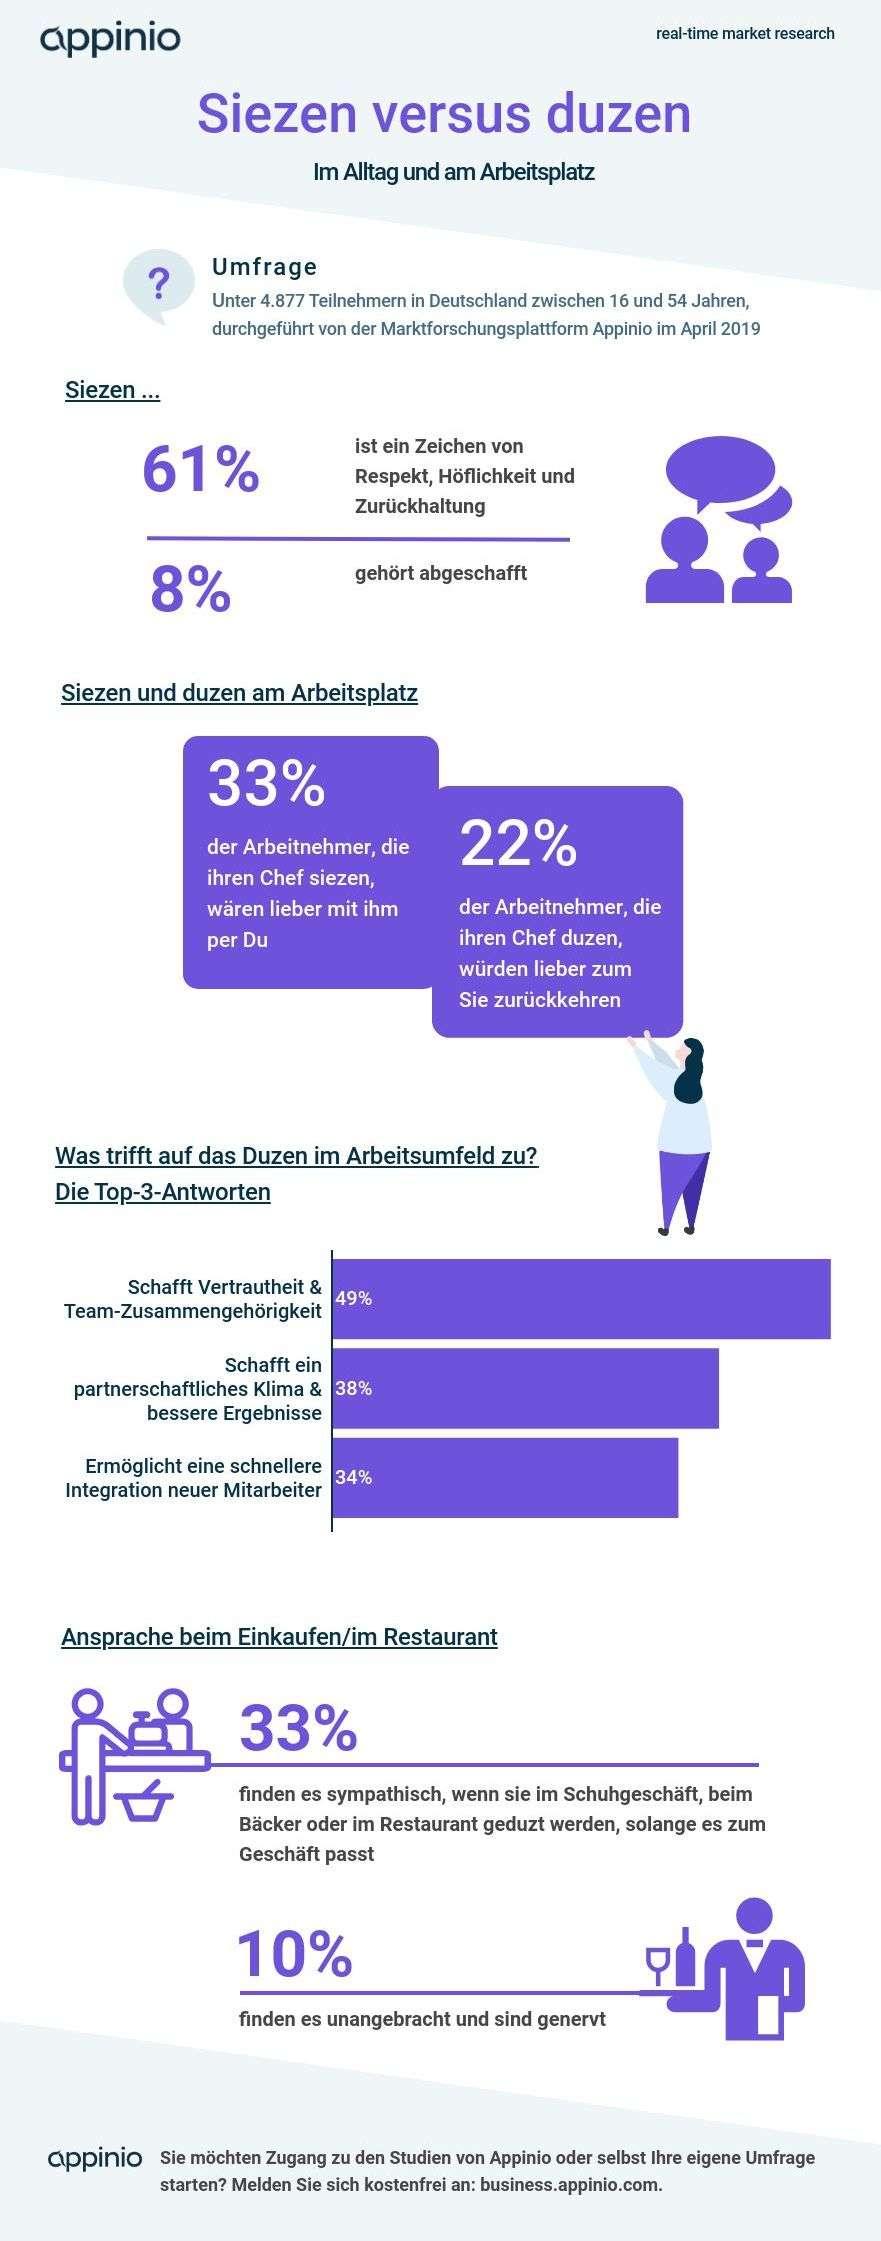 Appinio_Infografik_Siezen_duzen-1